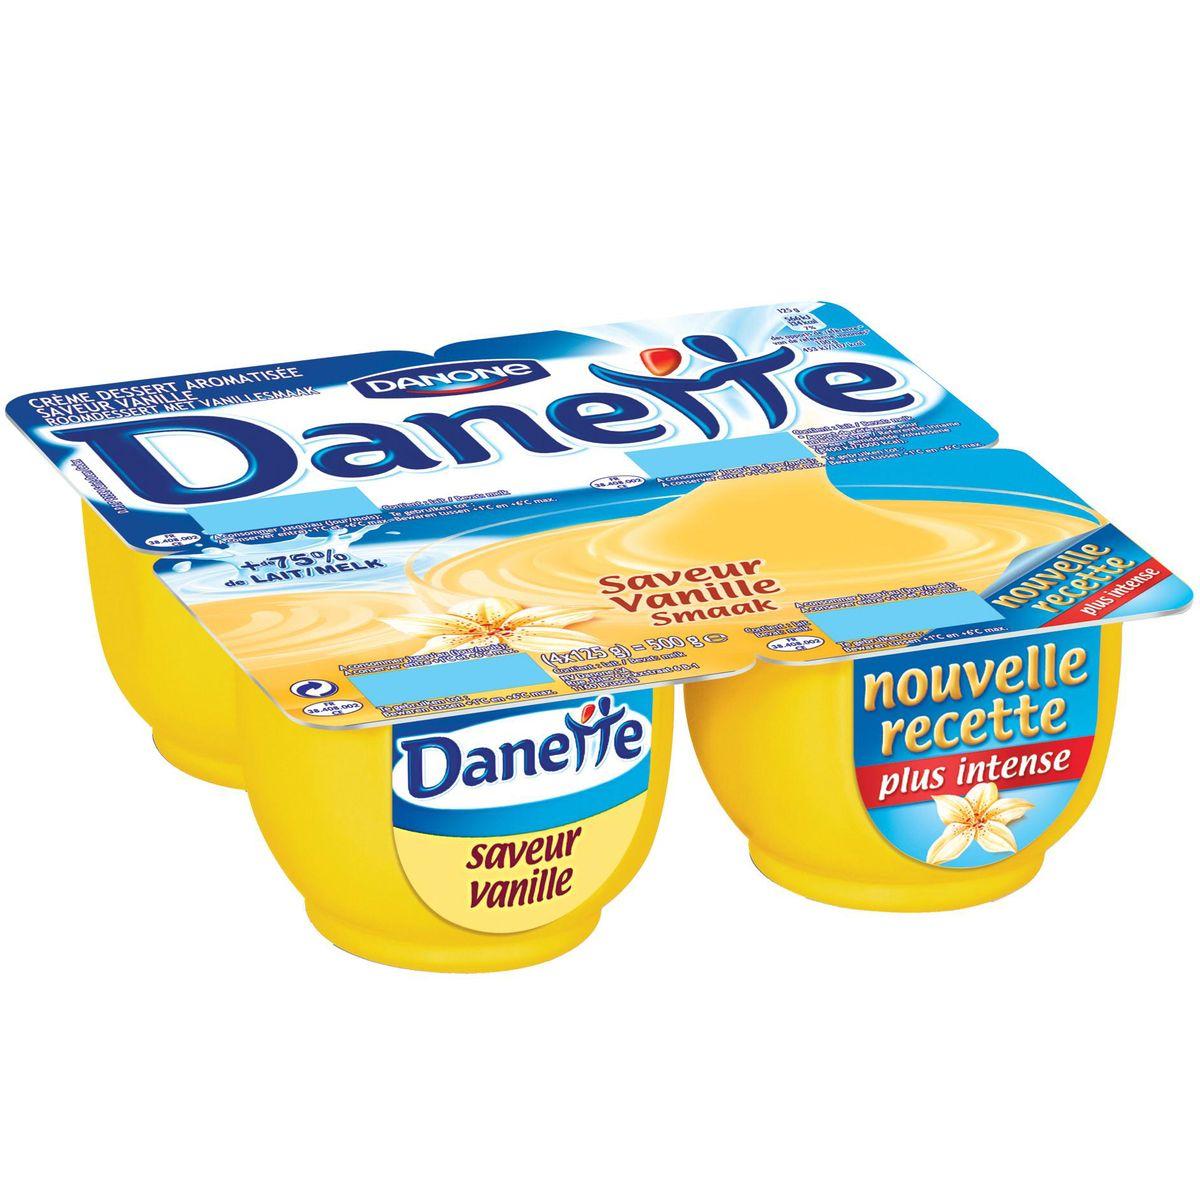 Danette vanille (4 x 125 g)